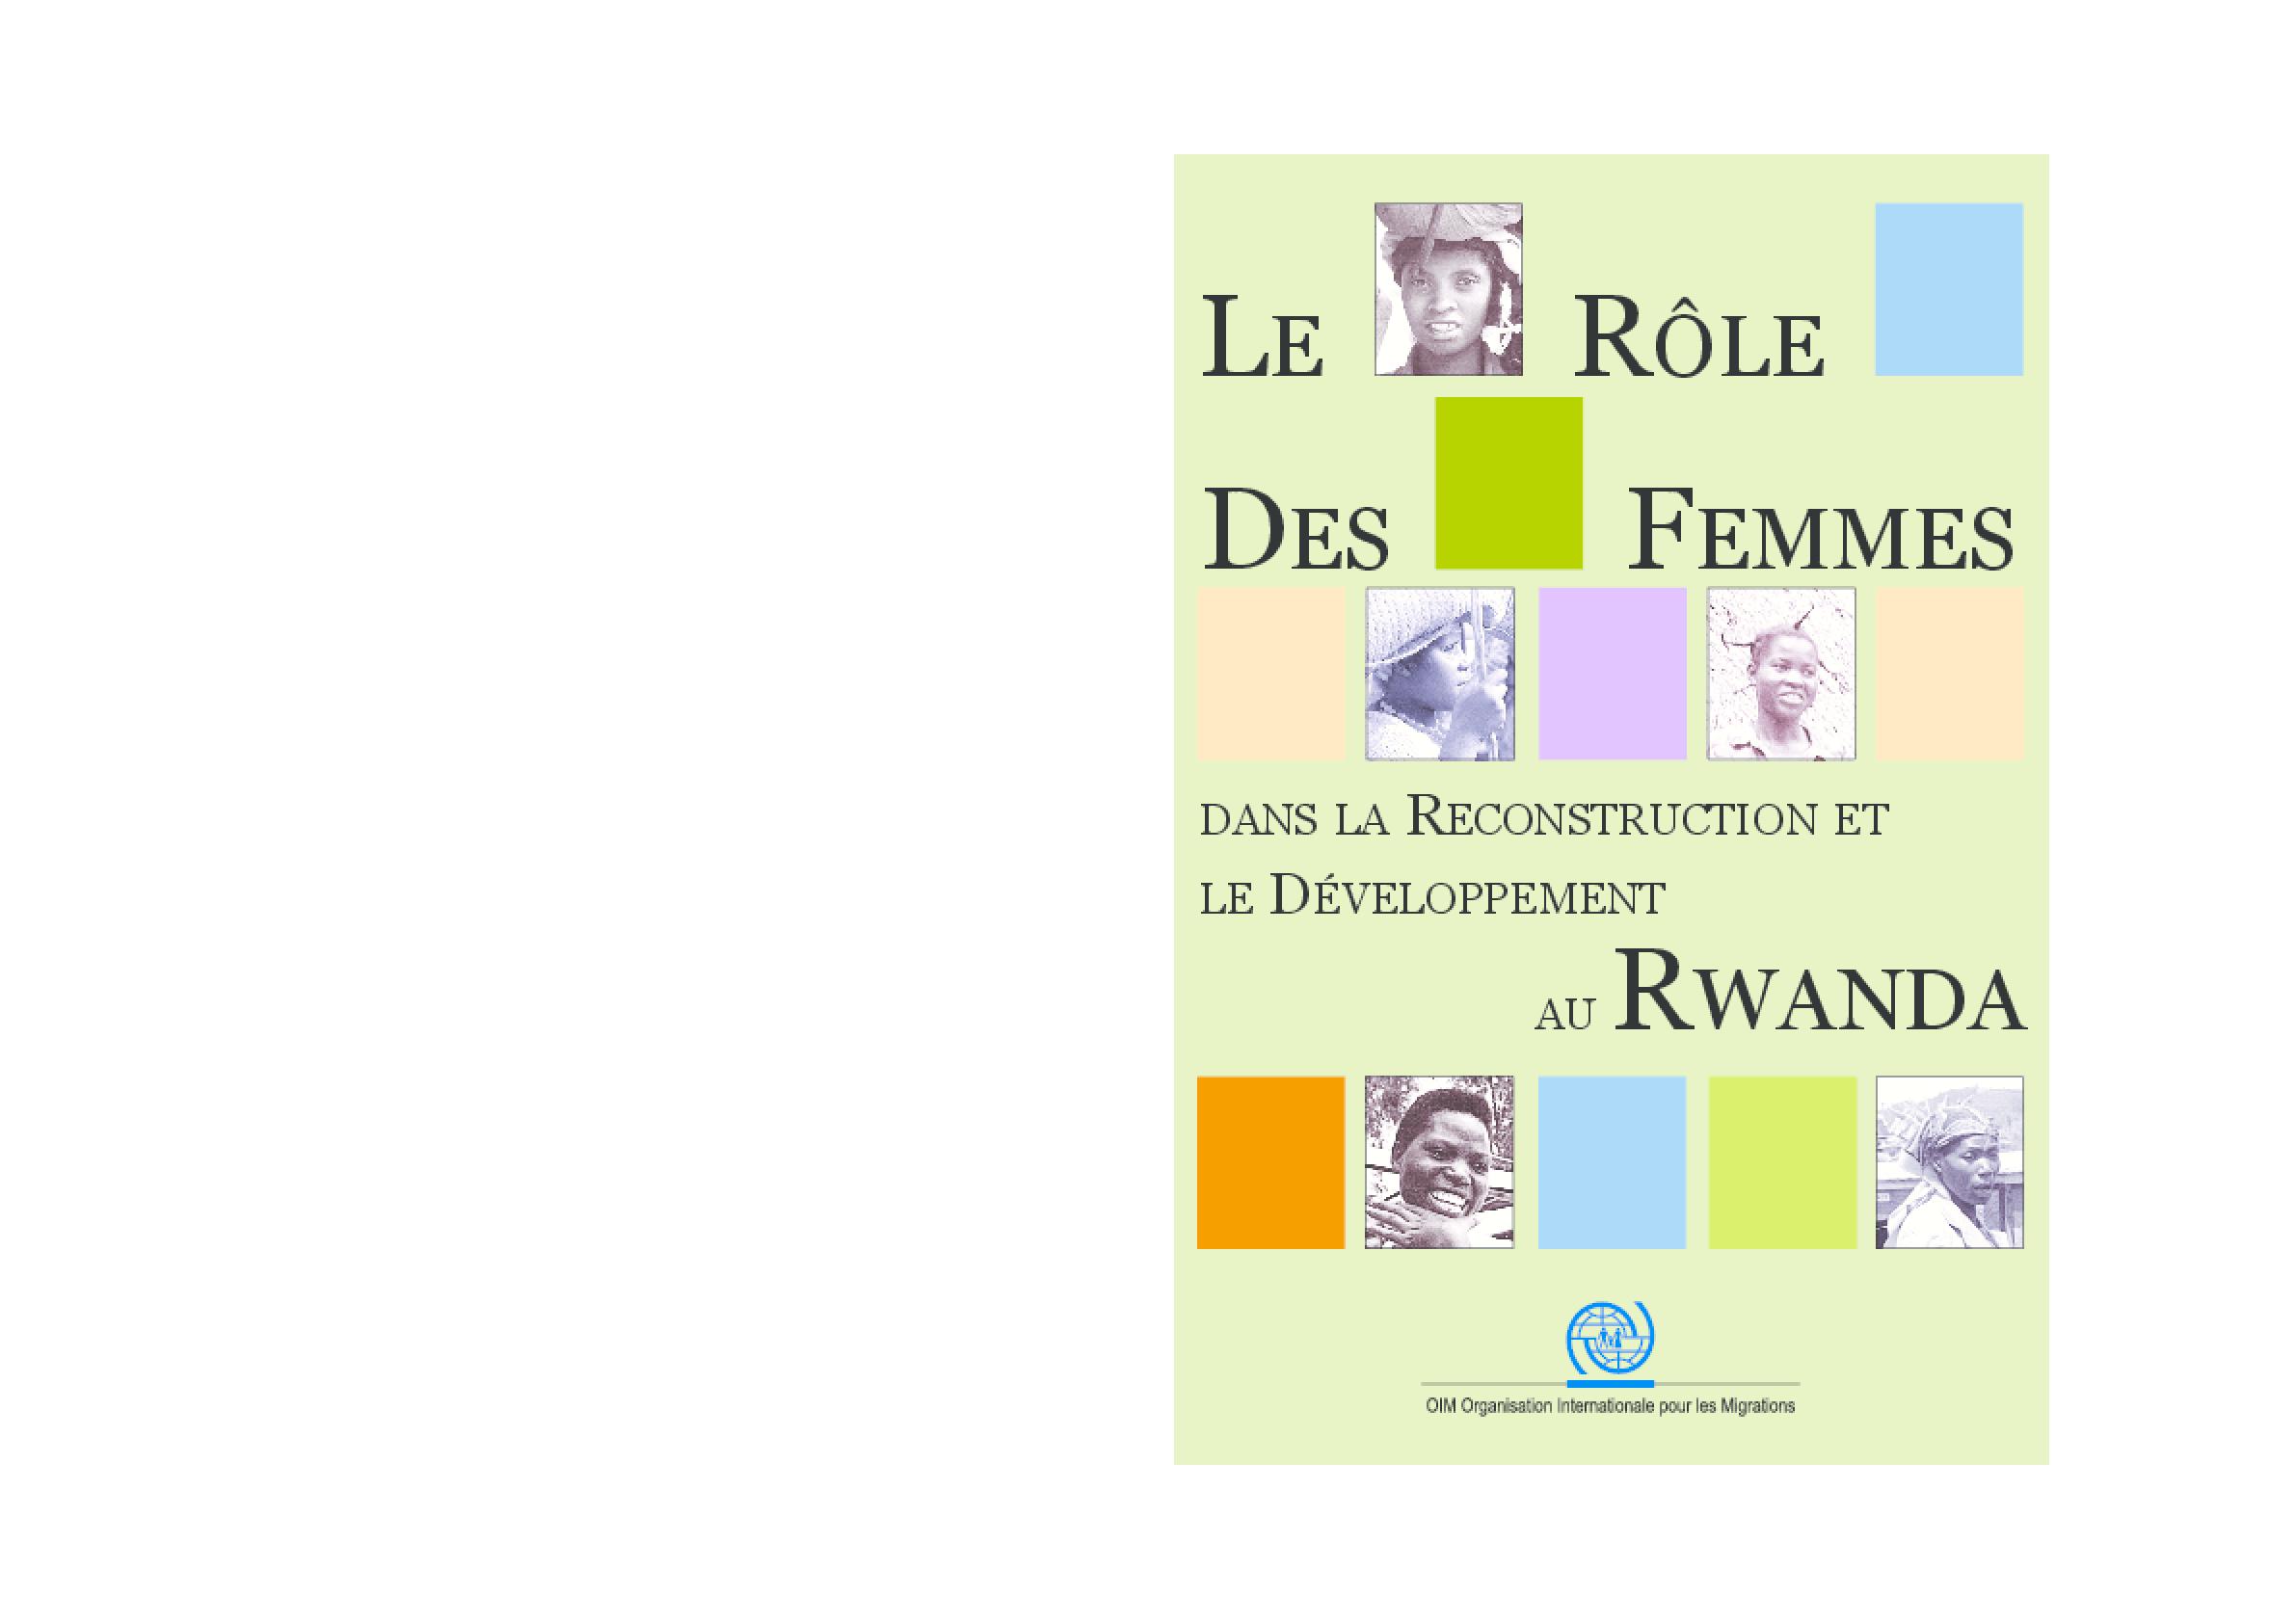 Le renforcement du rôle des femmes dans la reconstruction nationale et le développement économique au Rwanda